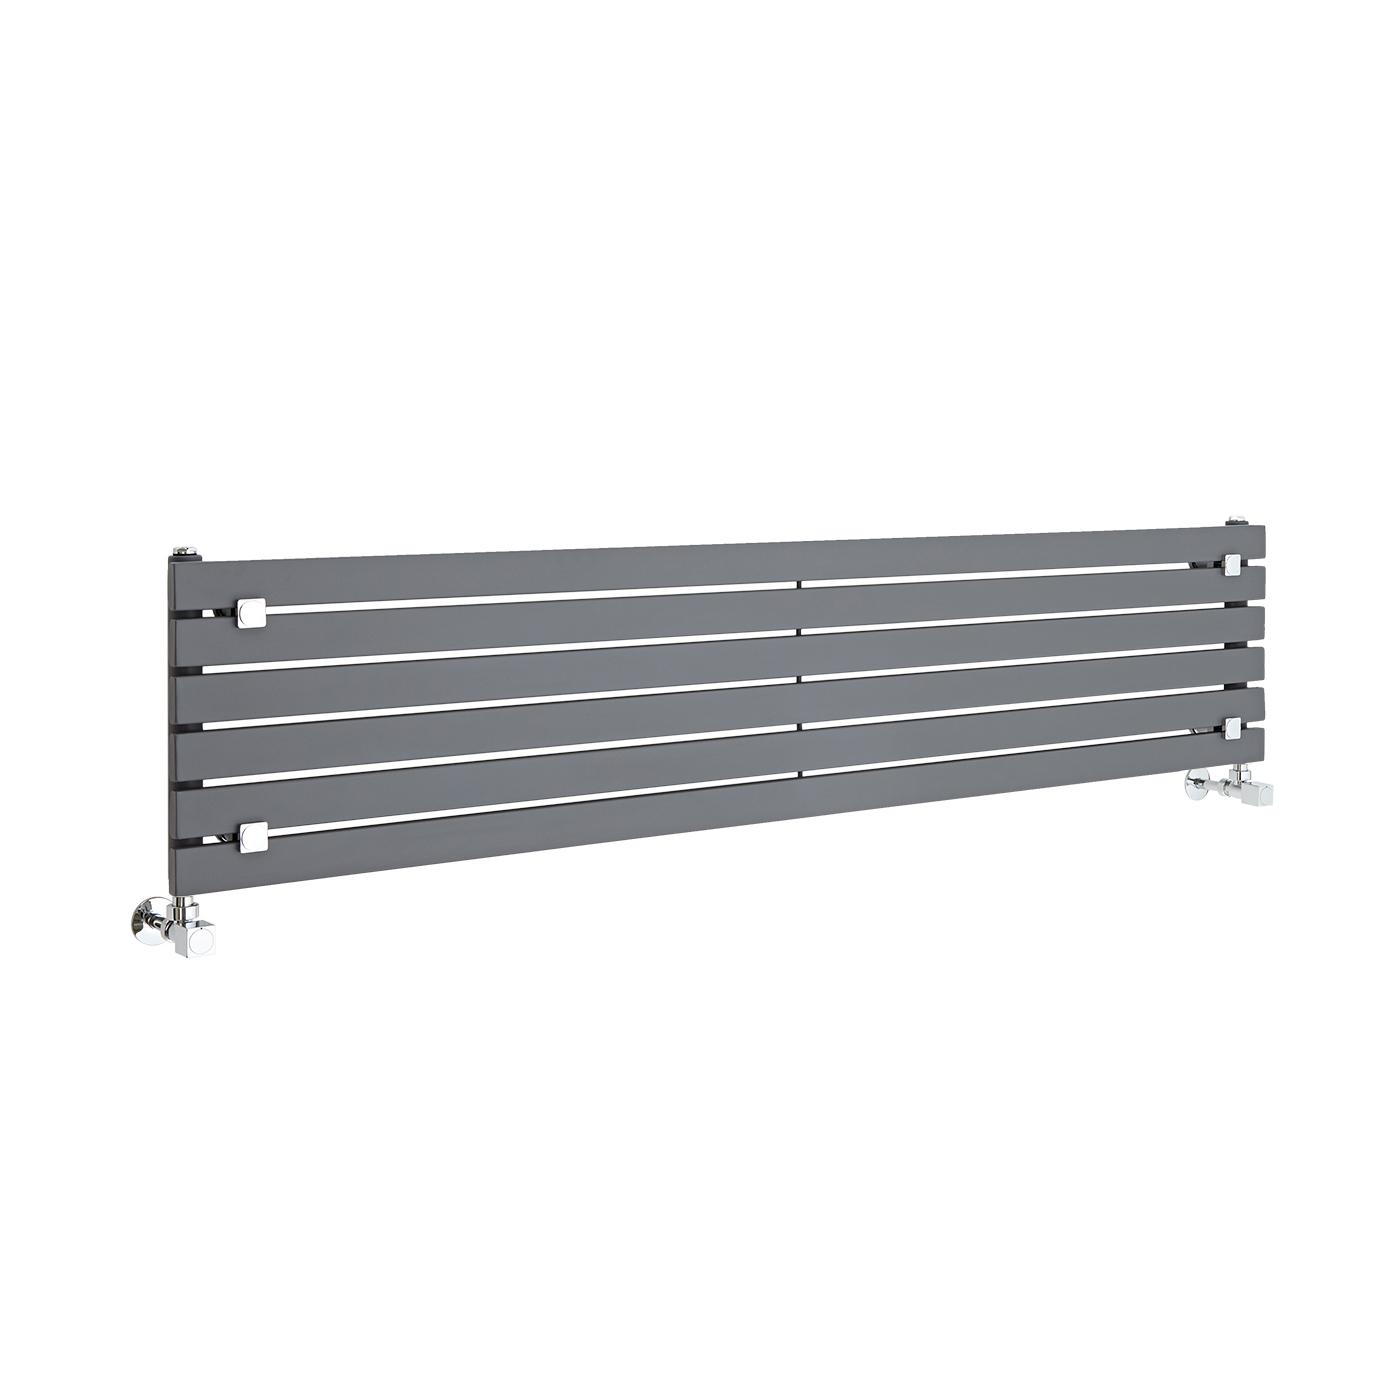 Radiatore di Design Orizzontale - Antracite - 354mm x 1600mm x 54mm - 773 Watt - Sloane